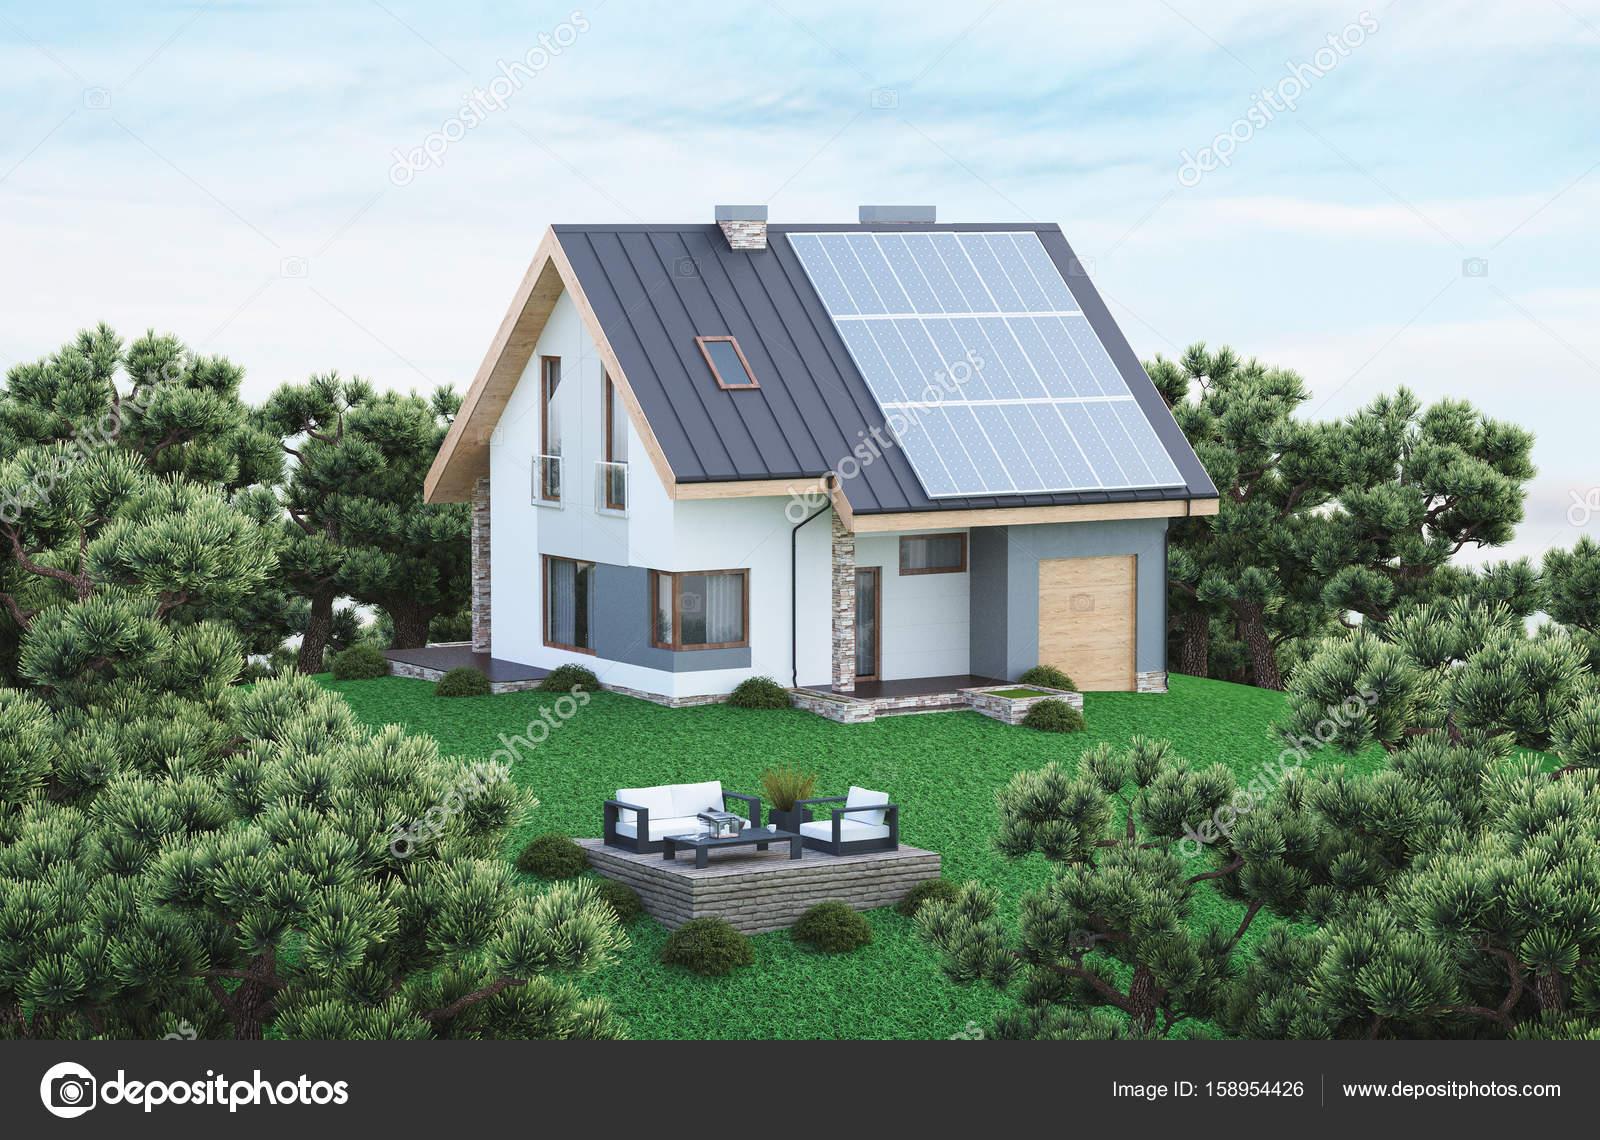 ökologisches Haus ökologisches haus mit sonnenkollektoren grünes haus rendern